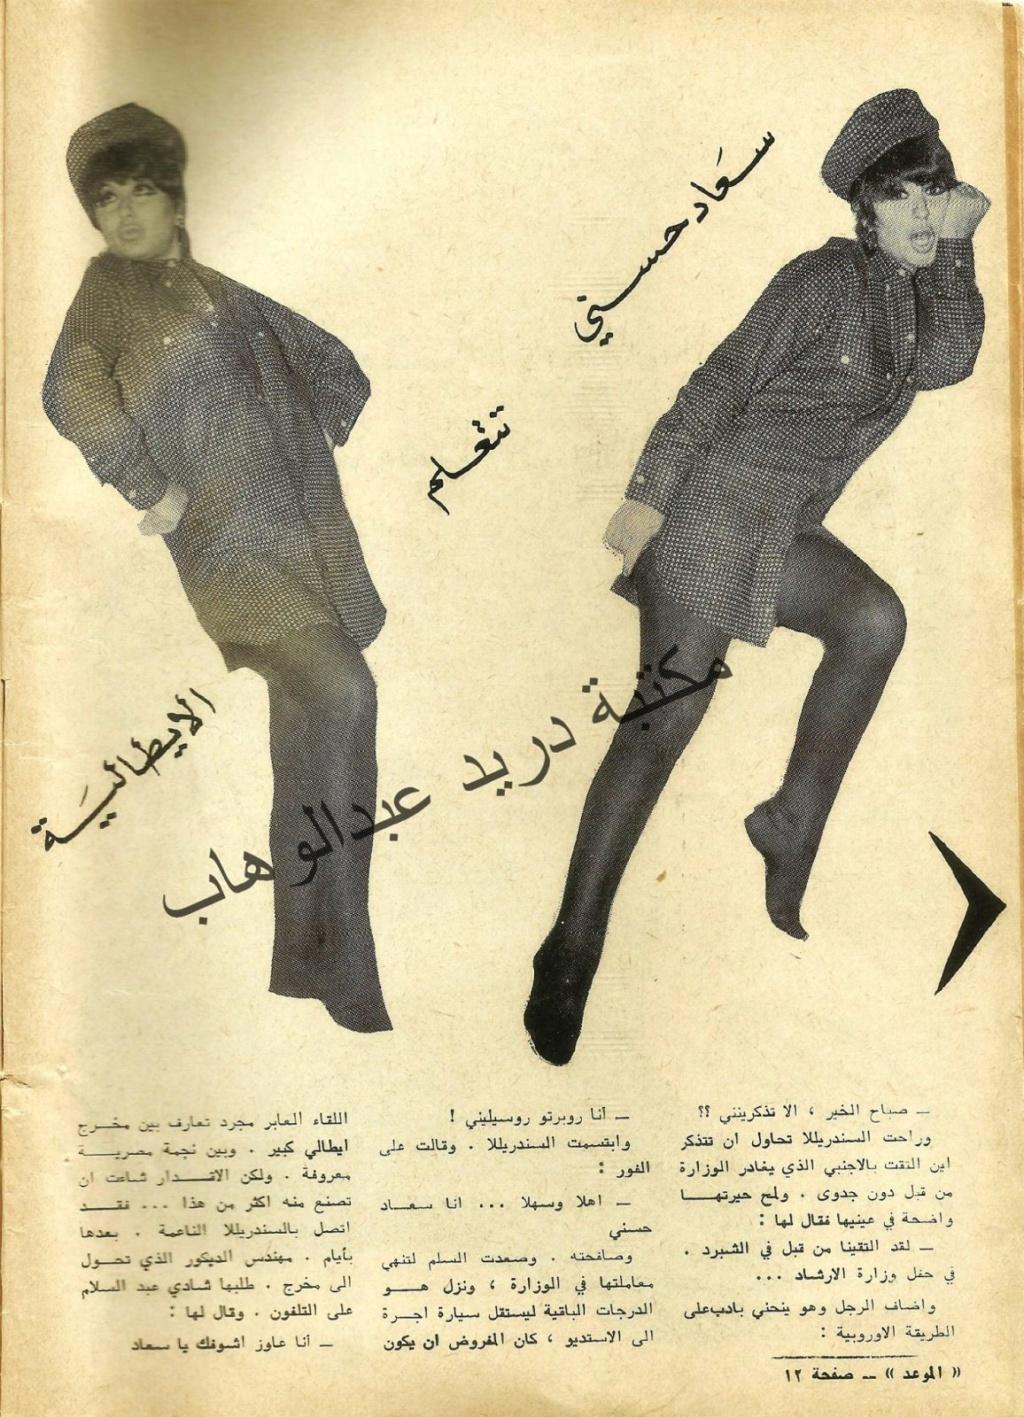 مقال - مقال صحفي : سعاد حسني تتعلم اللغة الايطالية بالسر لتبدأ غزوهَا للسينما الأوروبيَة ! 1968 م 2183